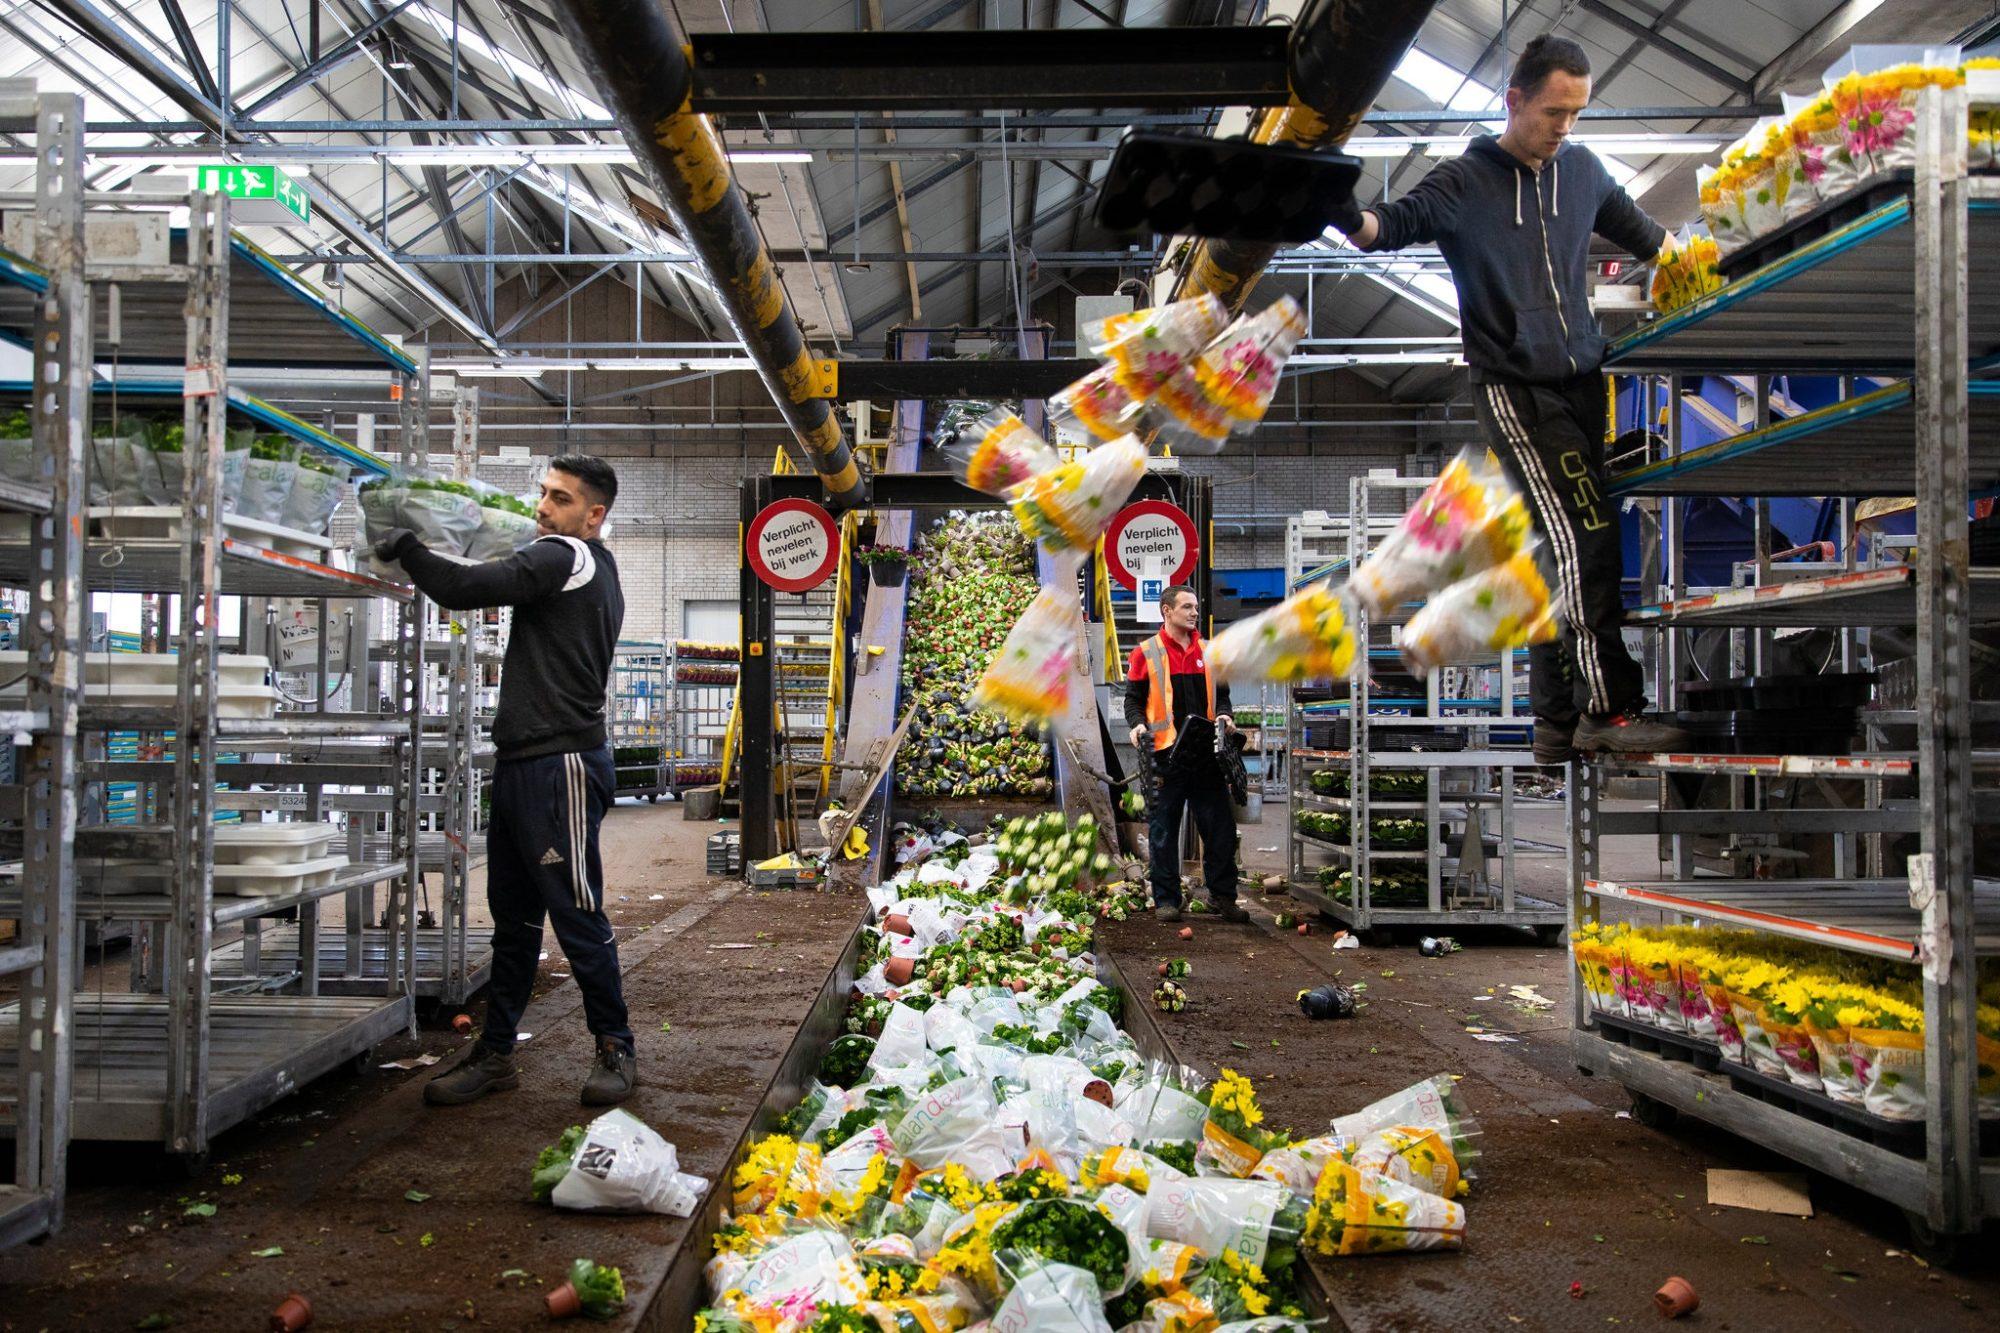 В Нідерландах через пандемію за місяць знищили 400 млн тюльпанів - тюльпани, Нідерланди, карантин - 14 tyulpany 2000x1333